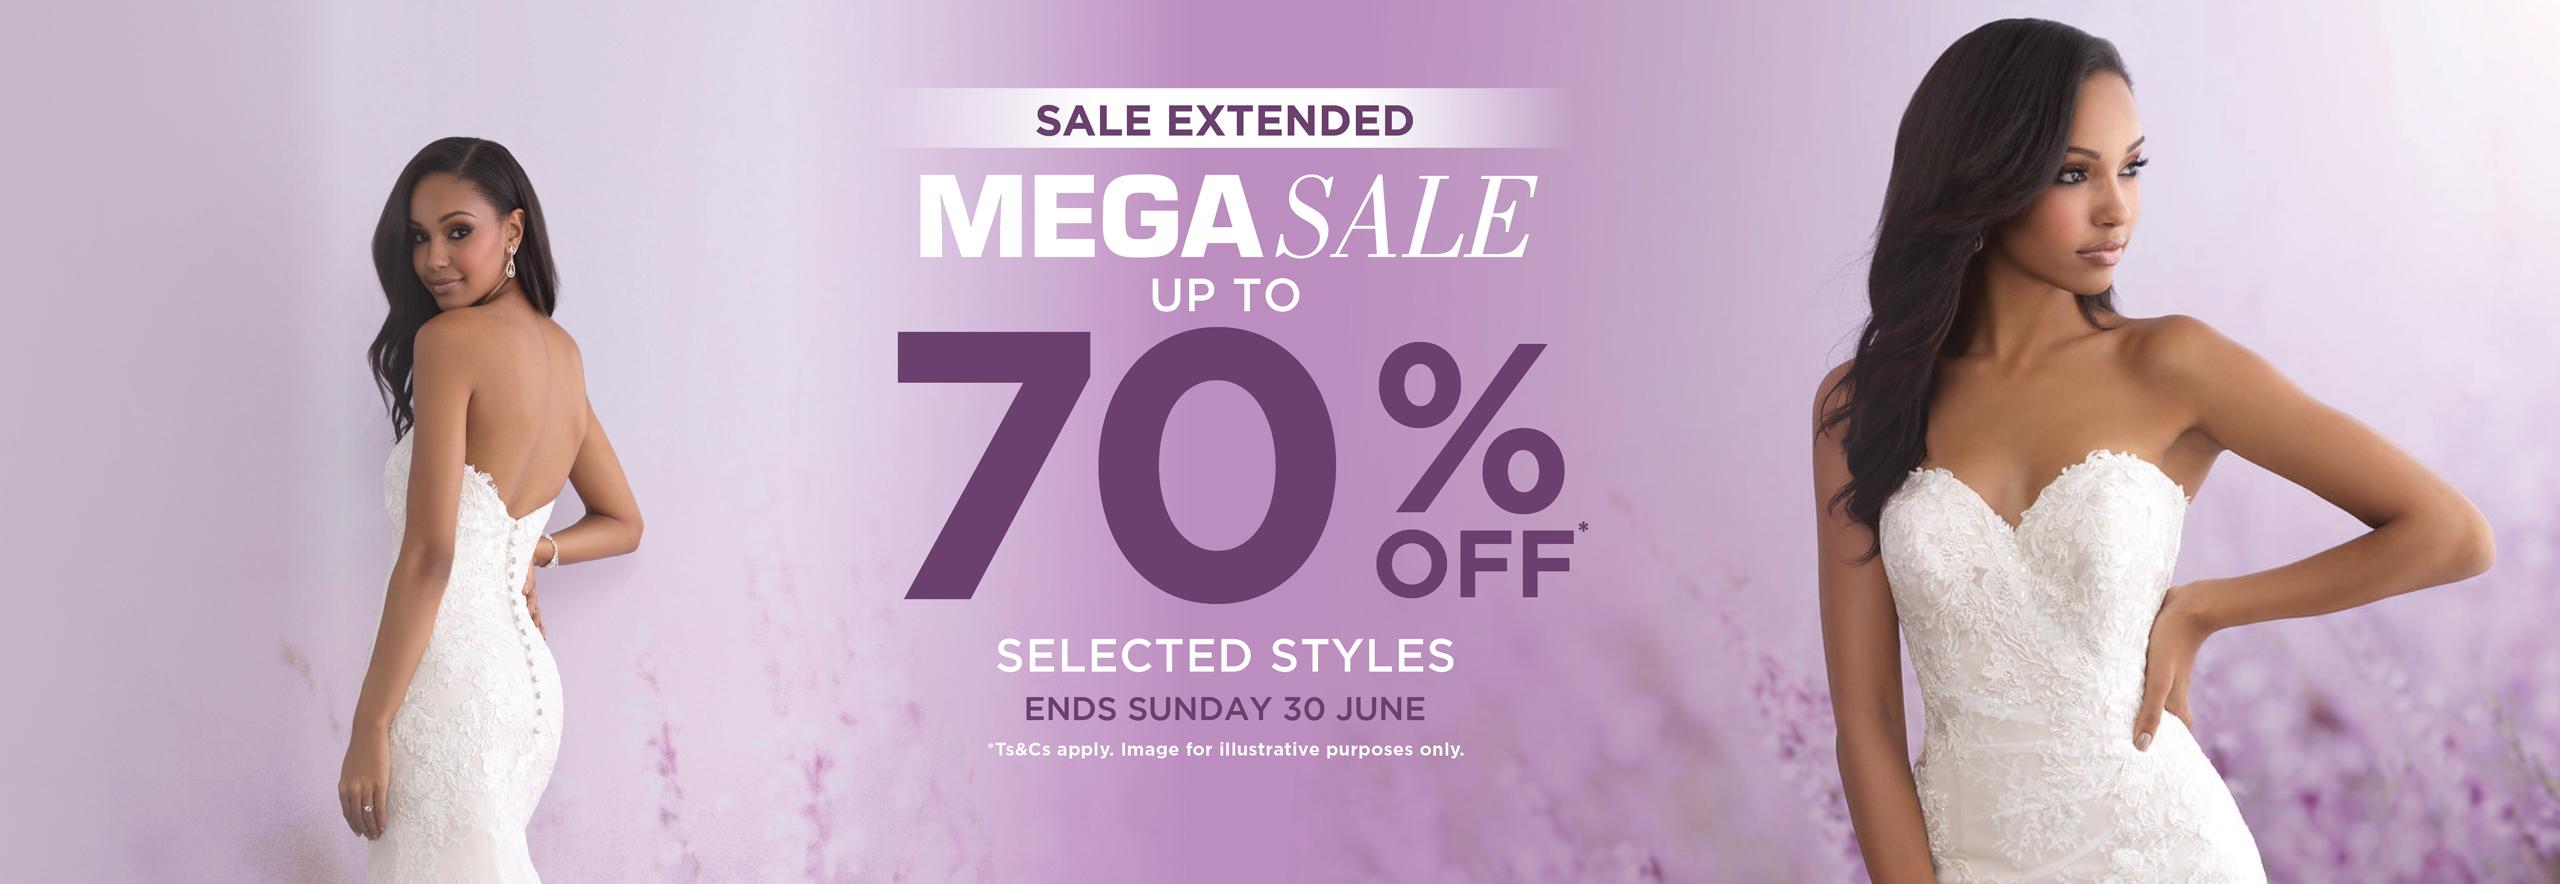 EXTENDED Mega Sale Web Banner